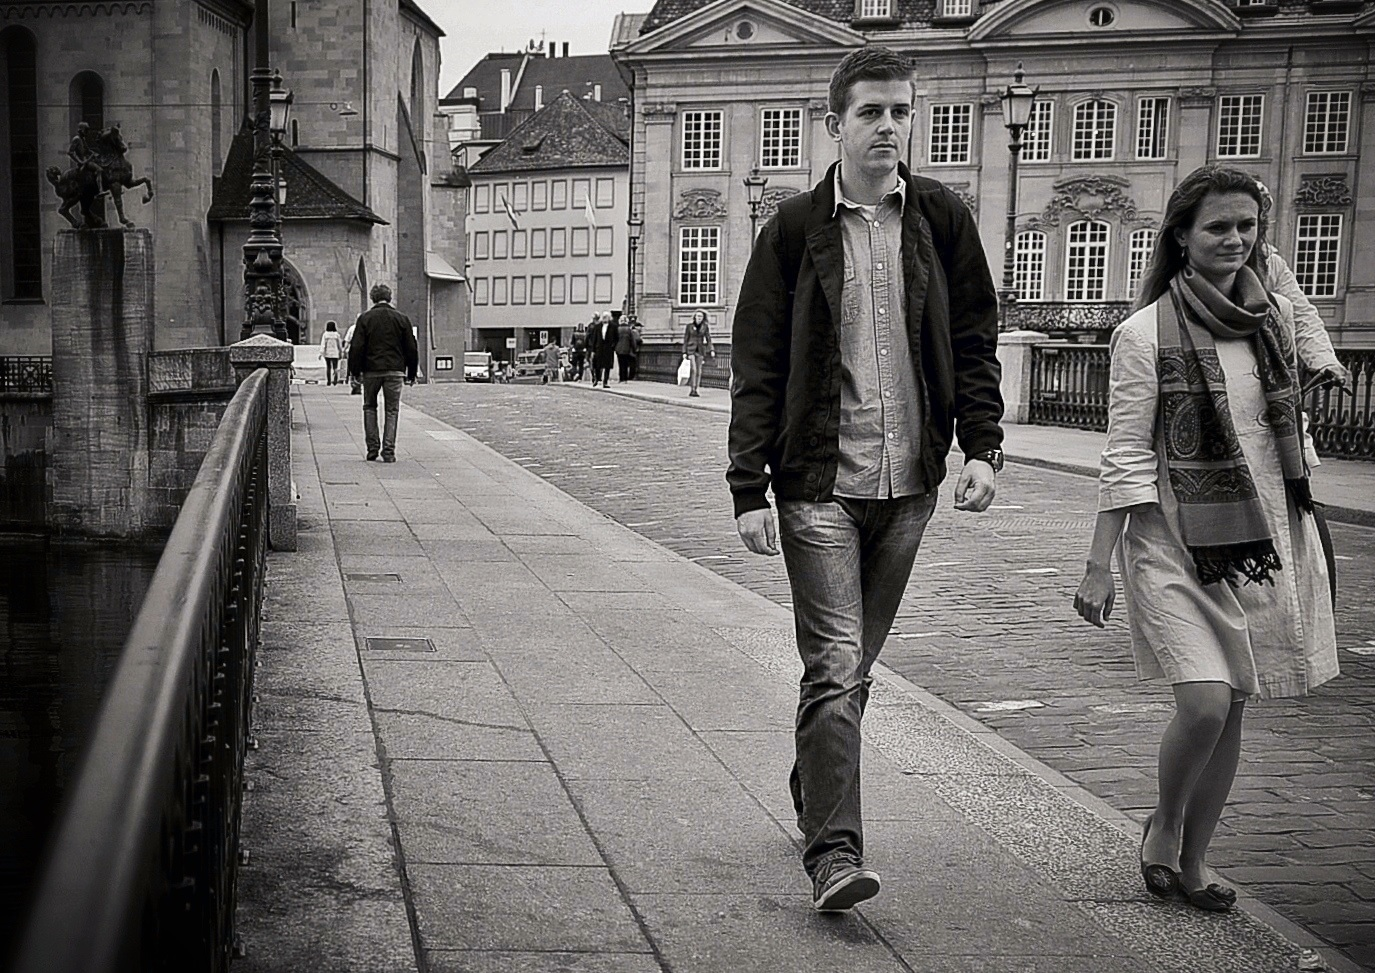 Foto gratis en blanco y negro - Fotos en blanco ...